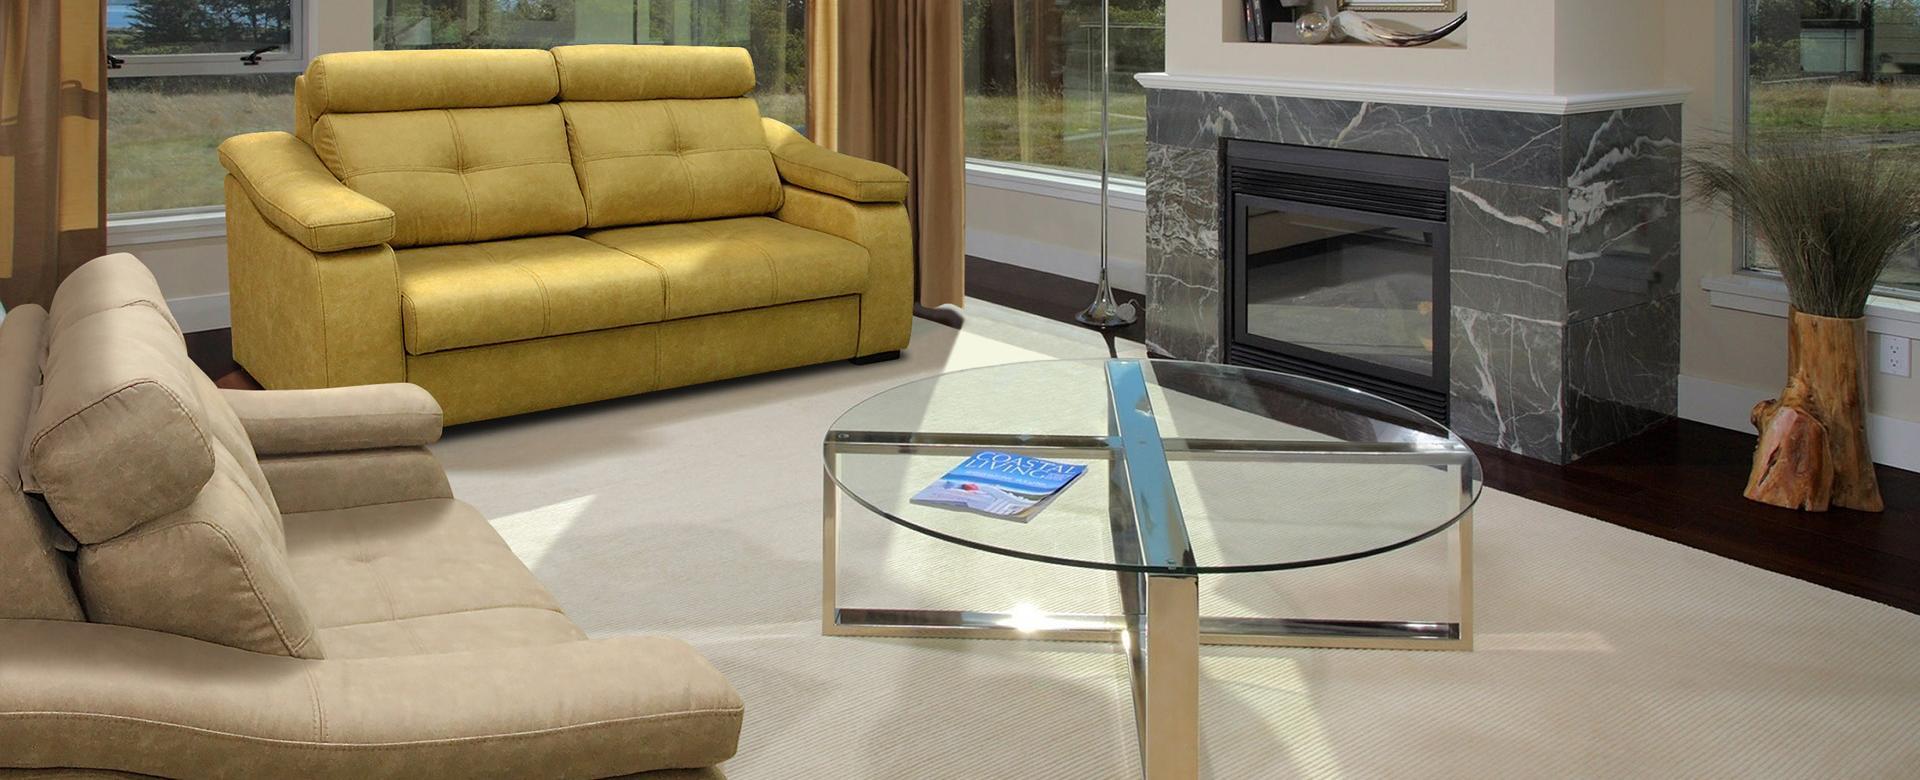 """Молодежный и современный диван """"Даллас"""" добавит стиля и индивидуальности любому интерьеру"""